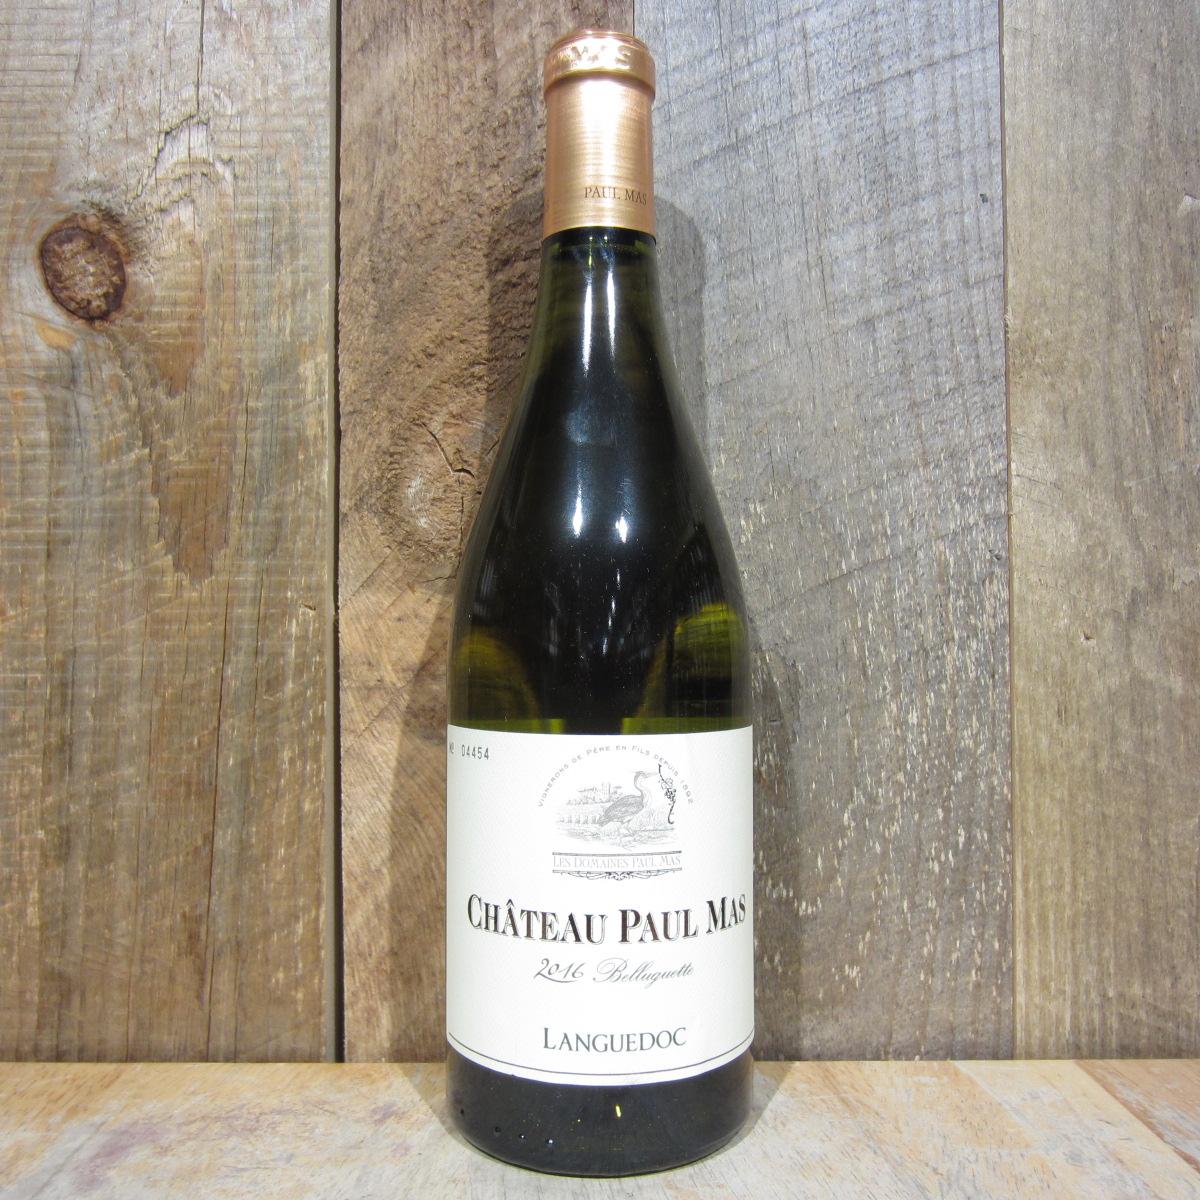 Paul Mas Coteaux du Languedoc Belleguette Blanc 2016 750ml